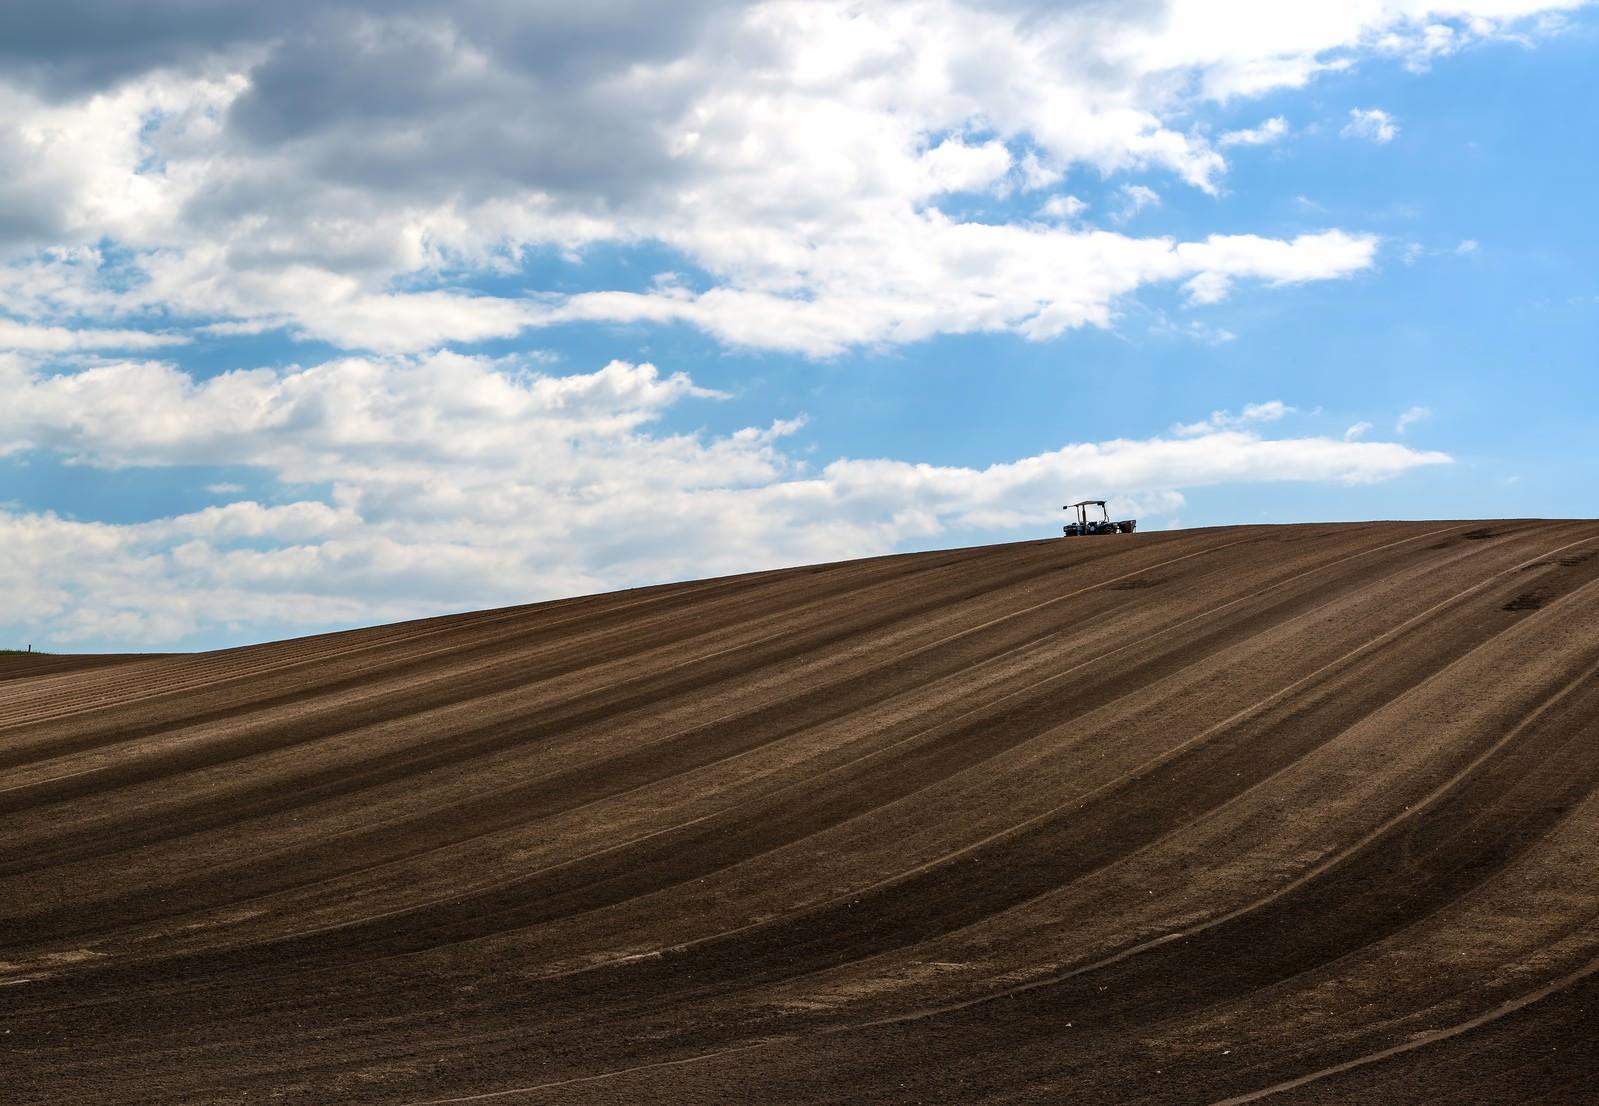 「美瑛の丘と耕耘機」の写真